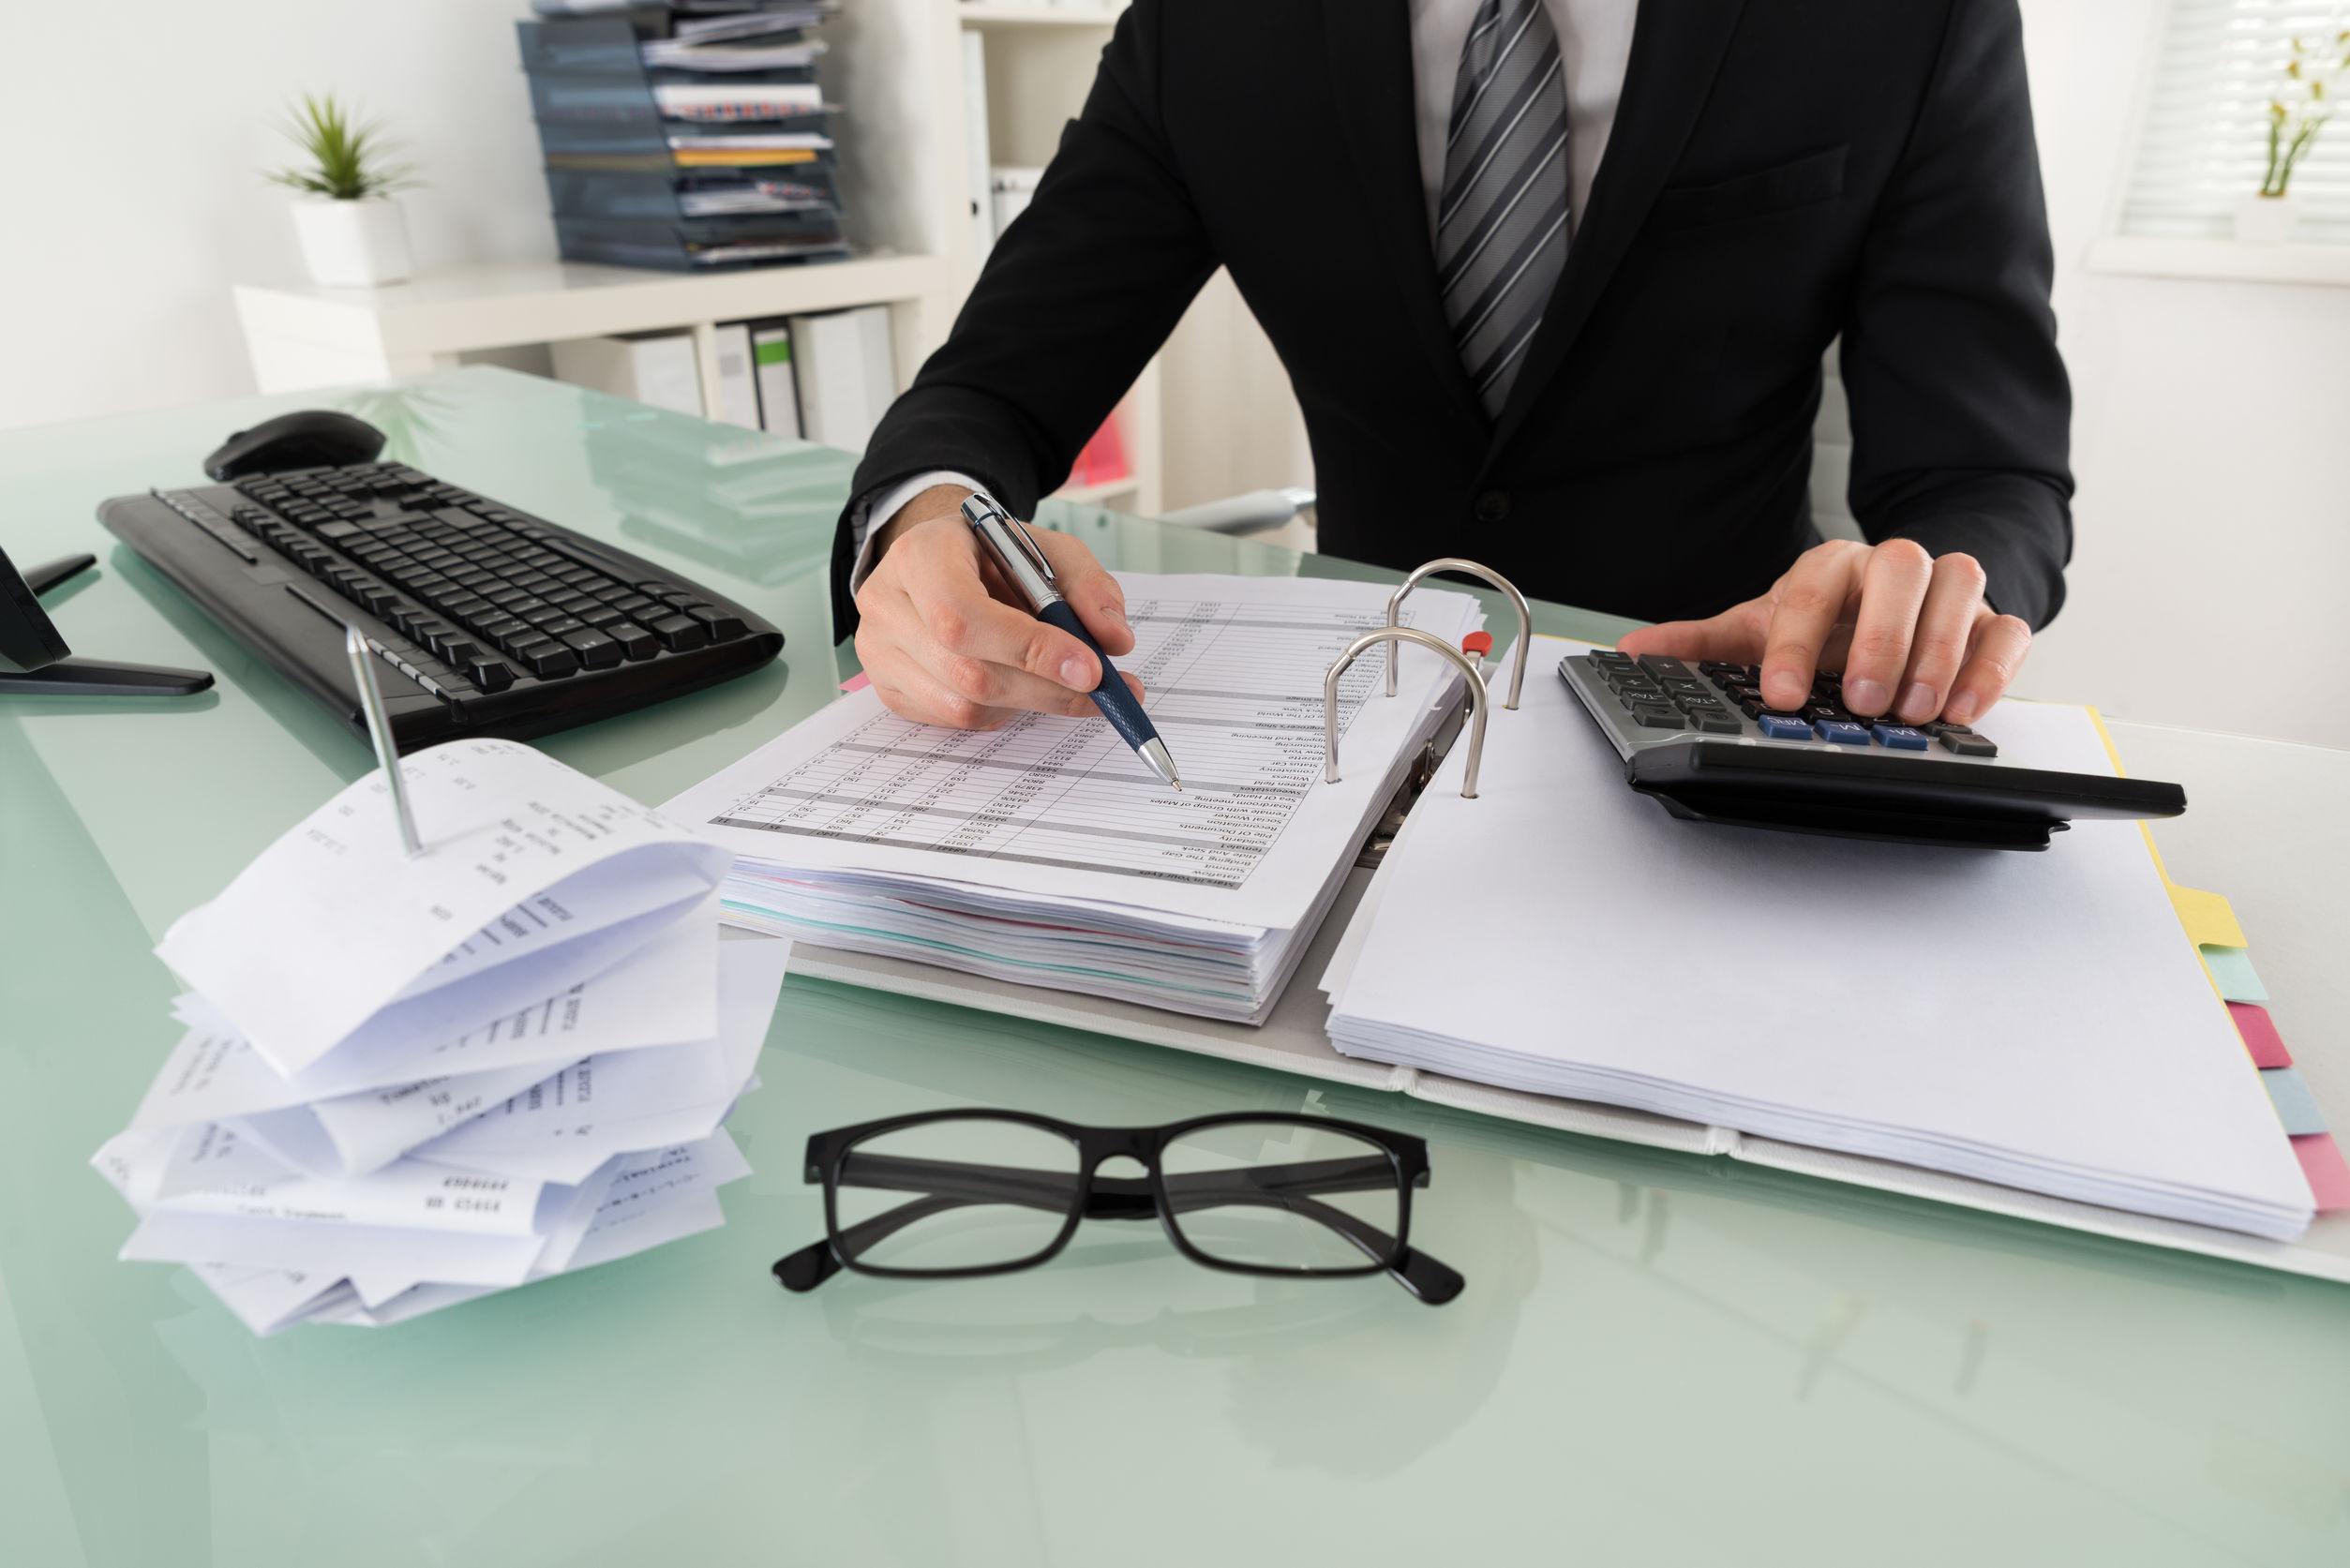 Au început înscrierile pentru atribuirea calităţii de consultant fiscal. Ce aptitudini se cer